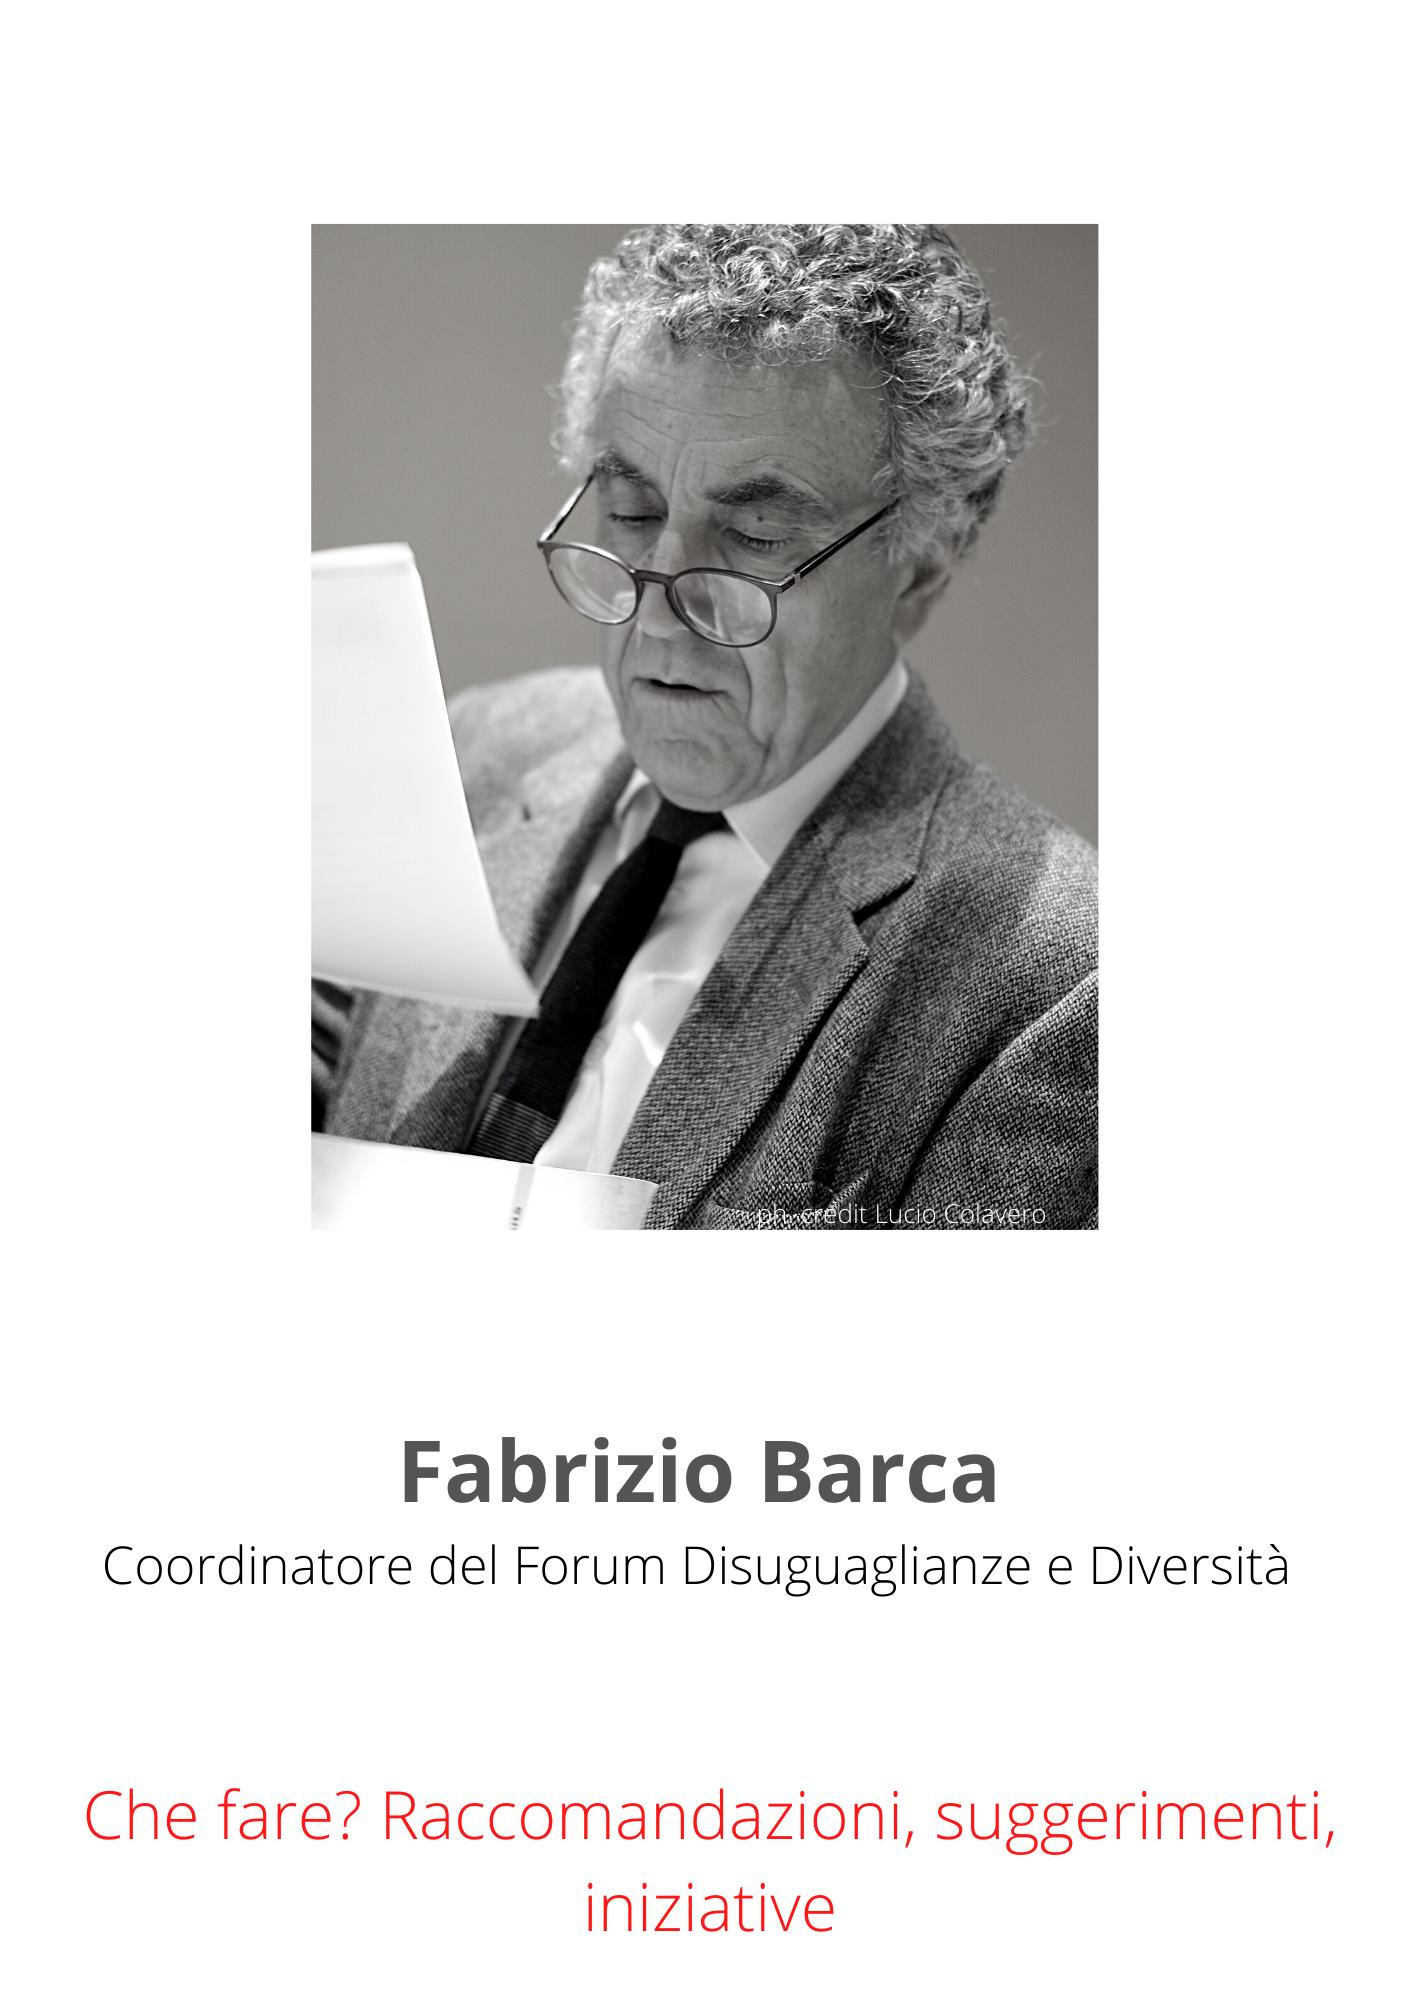 Farbrizio Barca